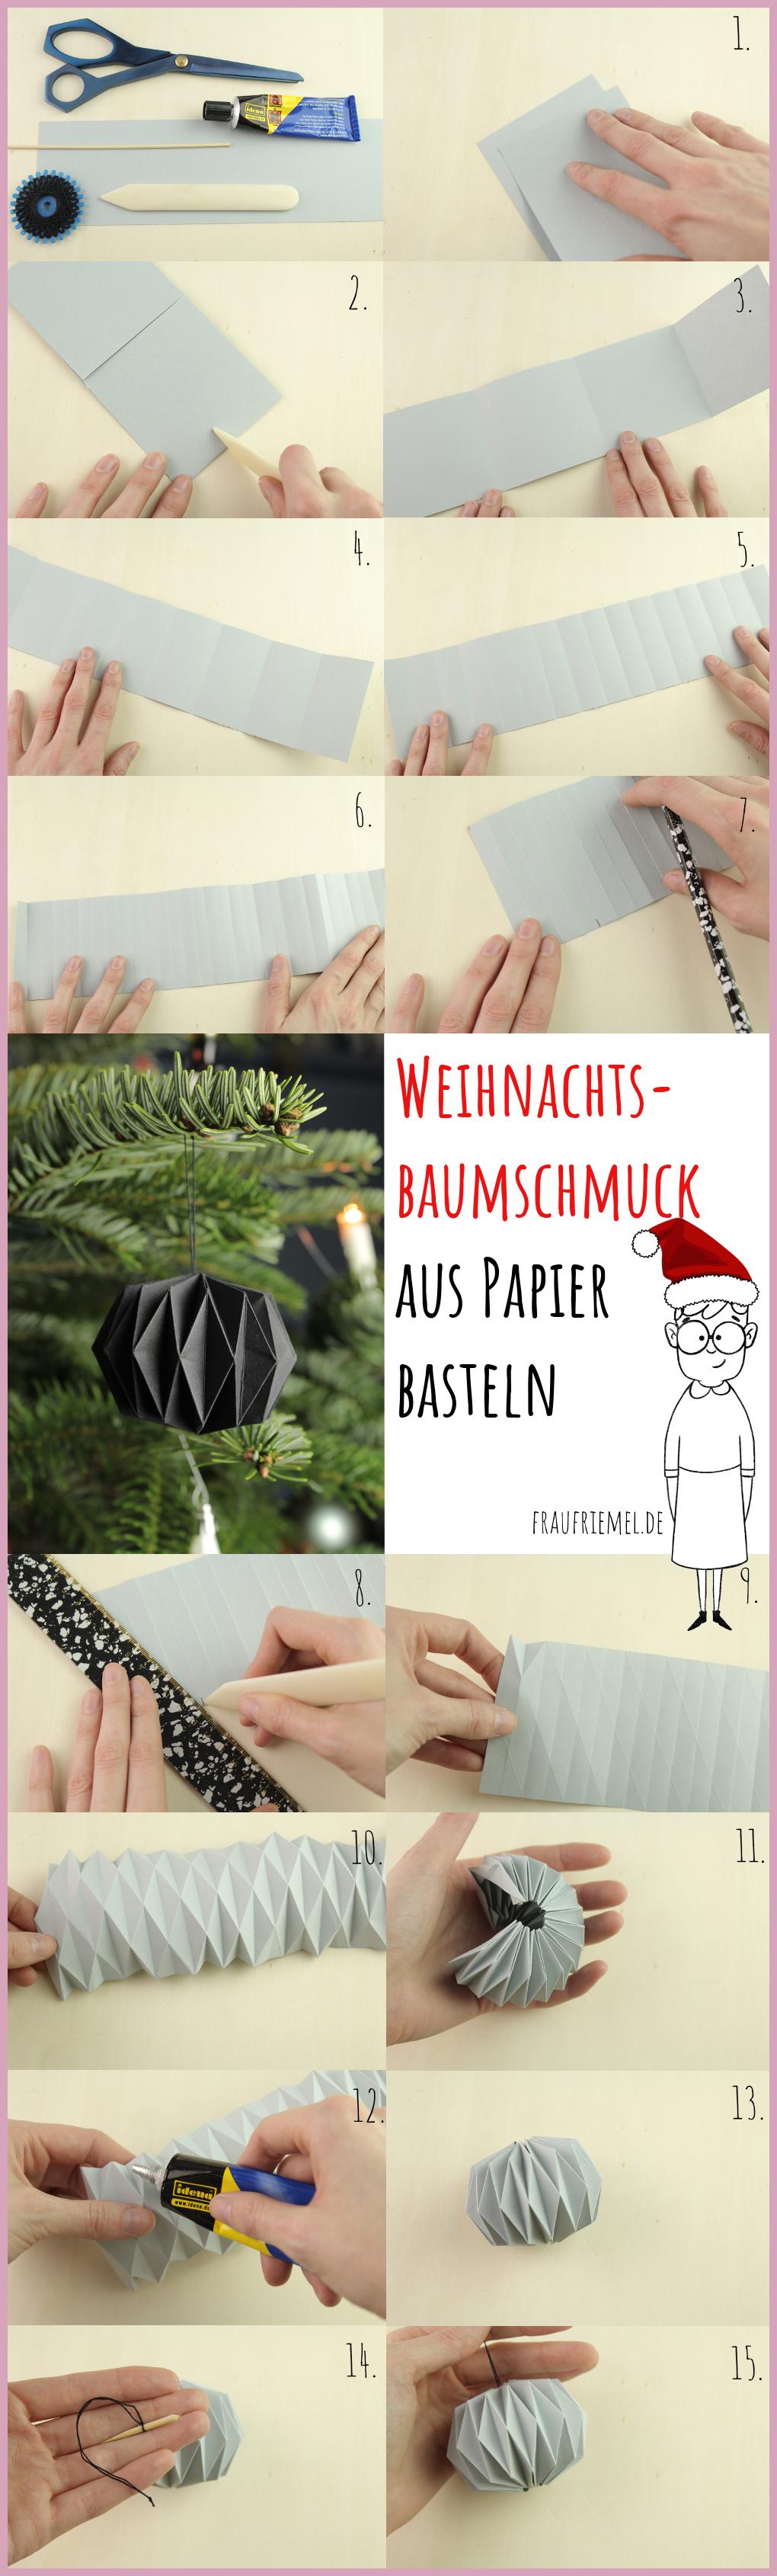 Gesamtanleitung Weihnachtsbaumschmuck aus Papier falten mit frau friemel